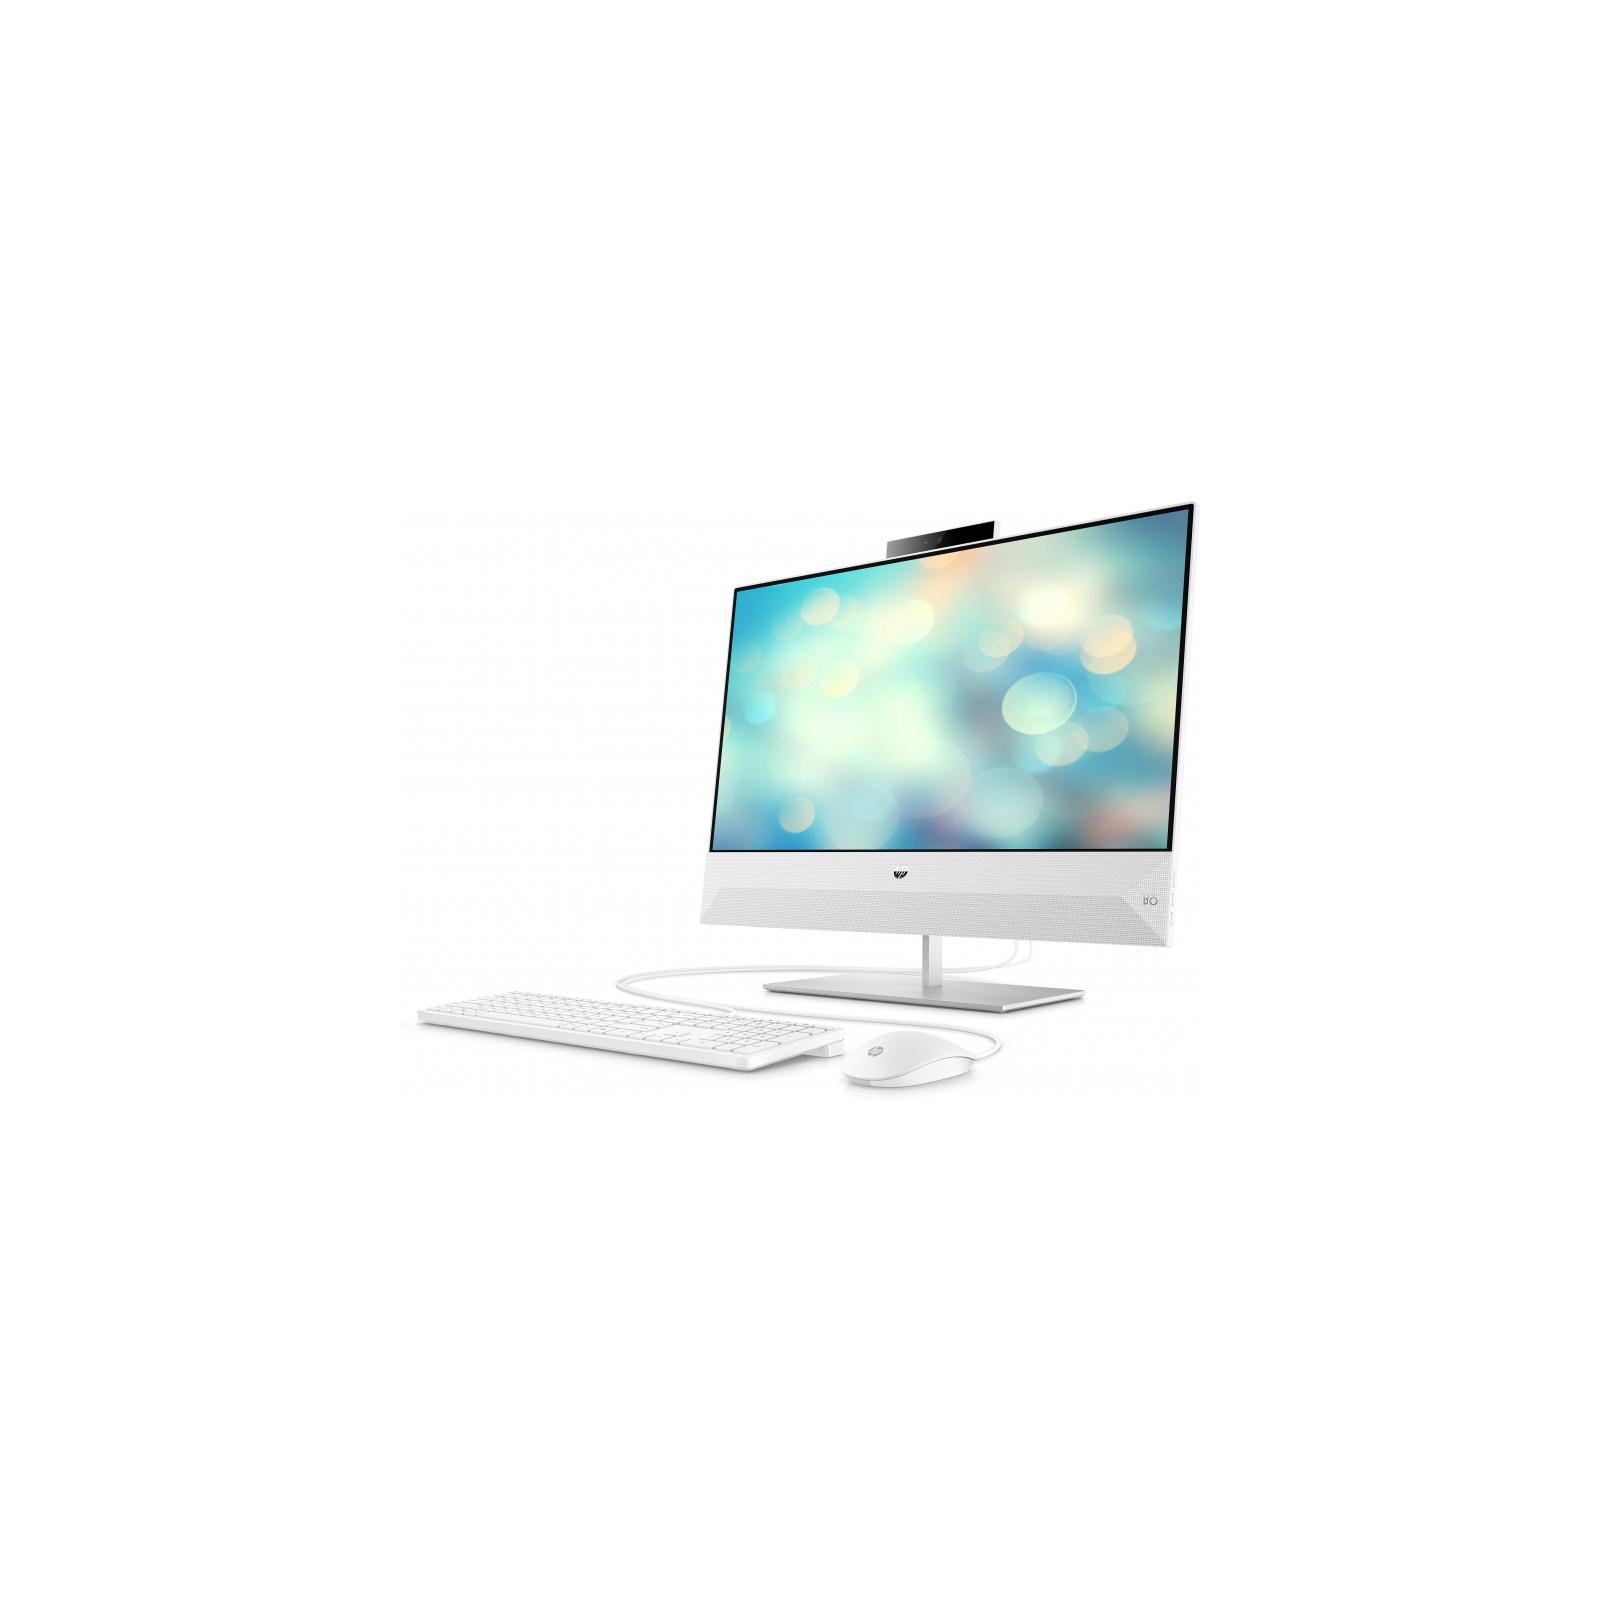 Компьютер HP Pavilion / i7-9700T (7JU12EA) изображение 3